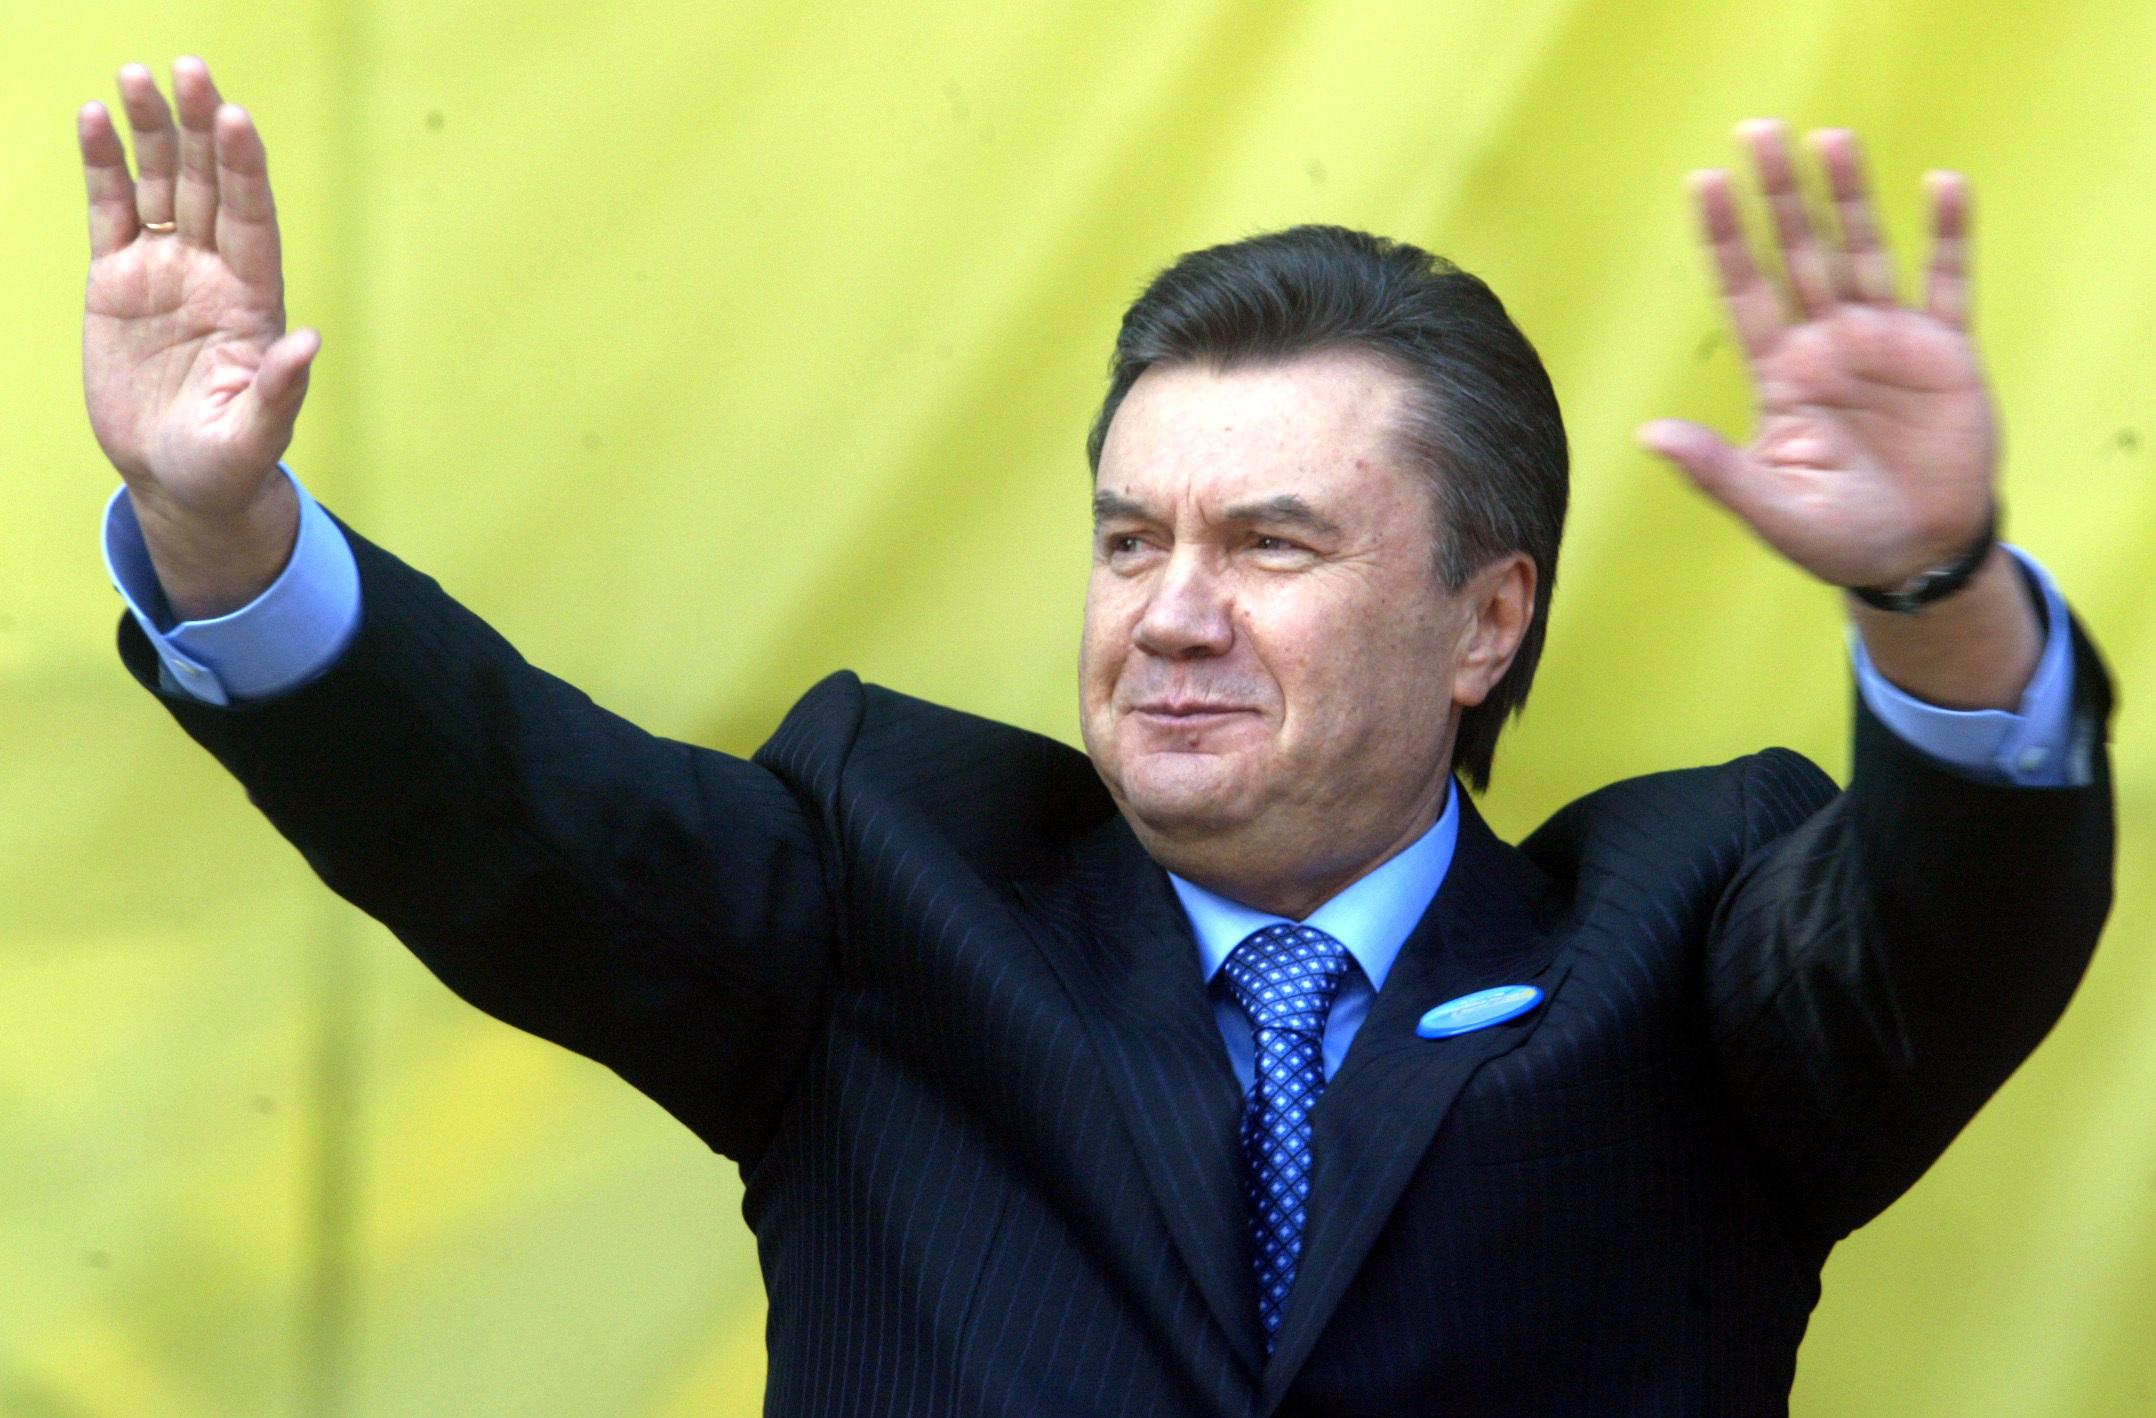 ИноСМИ: Россия избавится от Януковича, но пока Путину это невыгодно